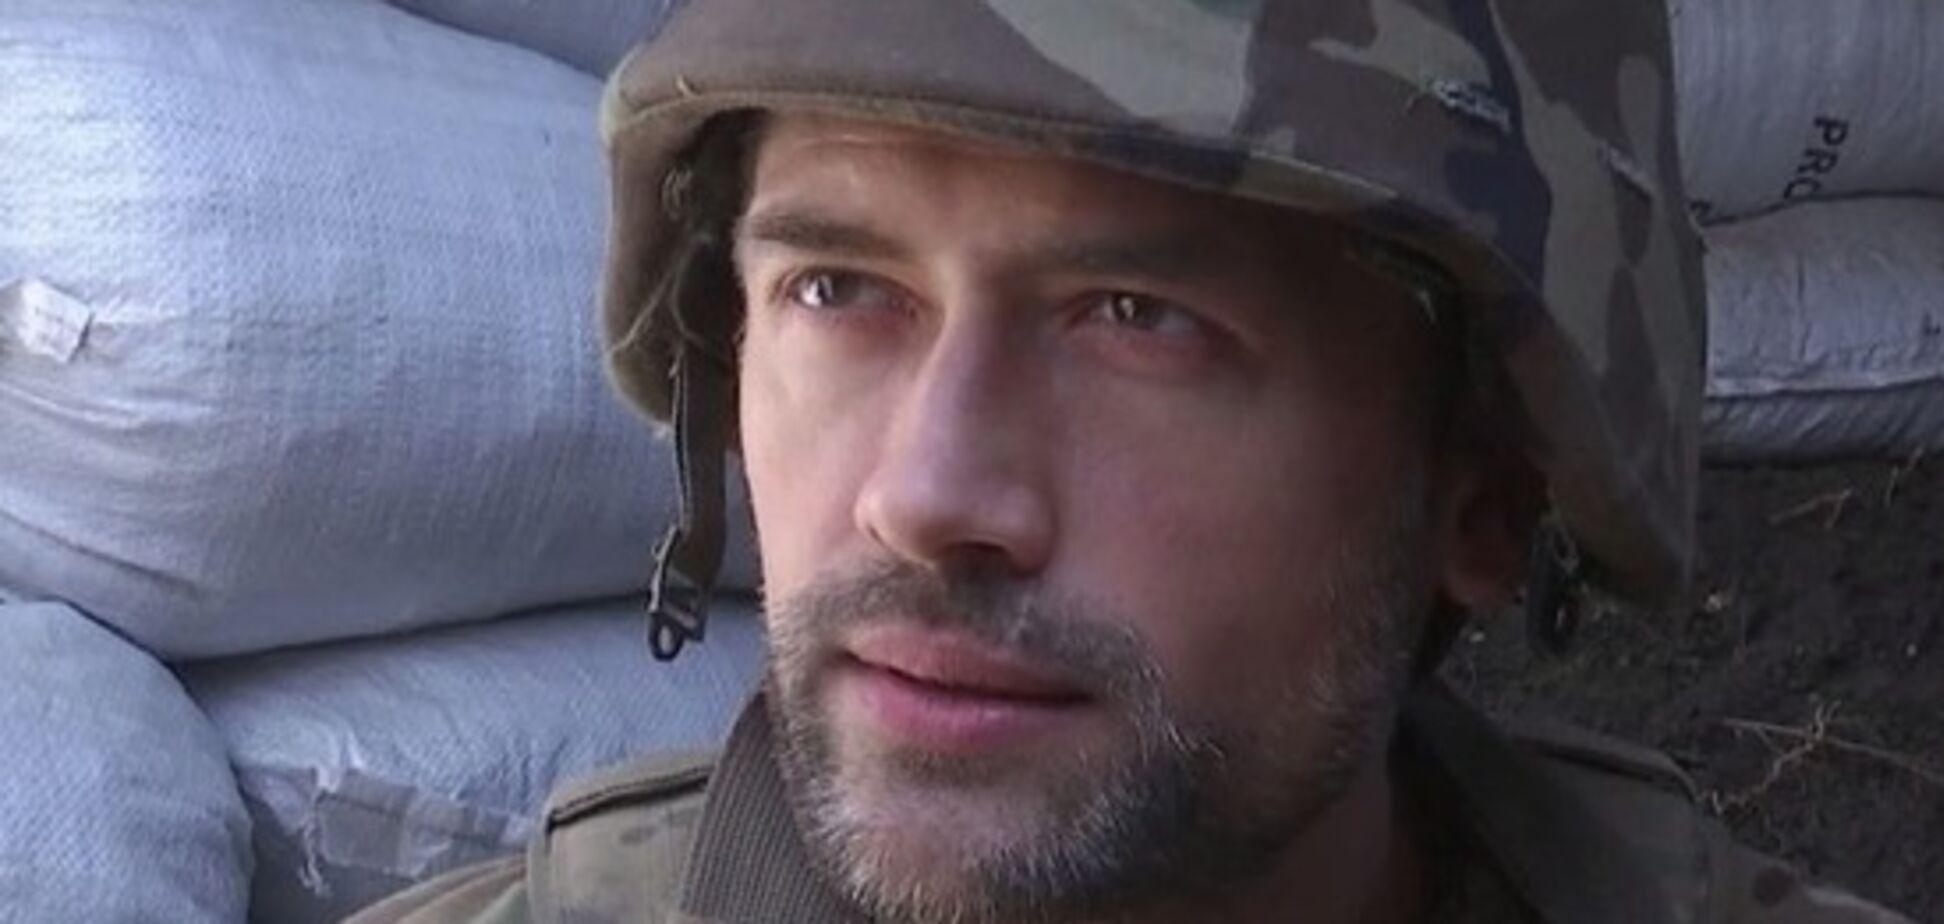 Прослушка и угрозы: в СБУ ответили на громкие обвинения актера-добровольца из РФ